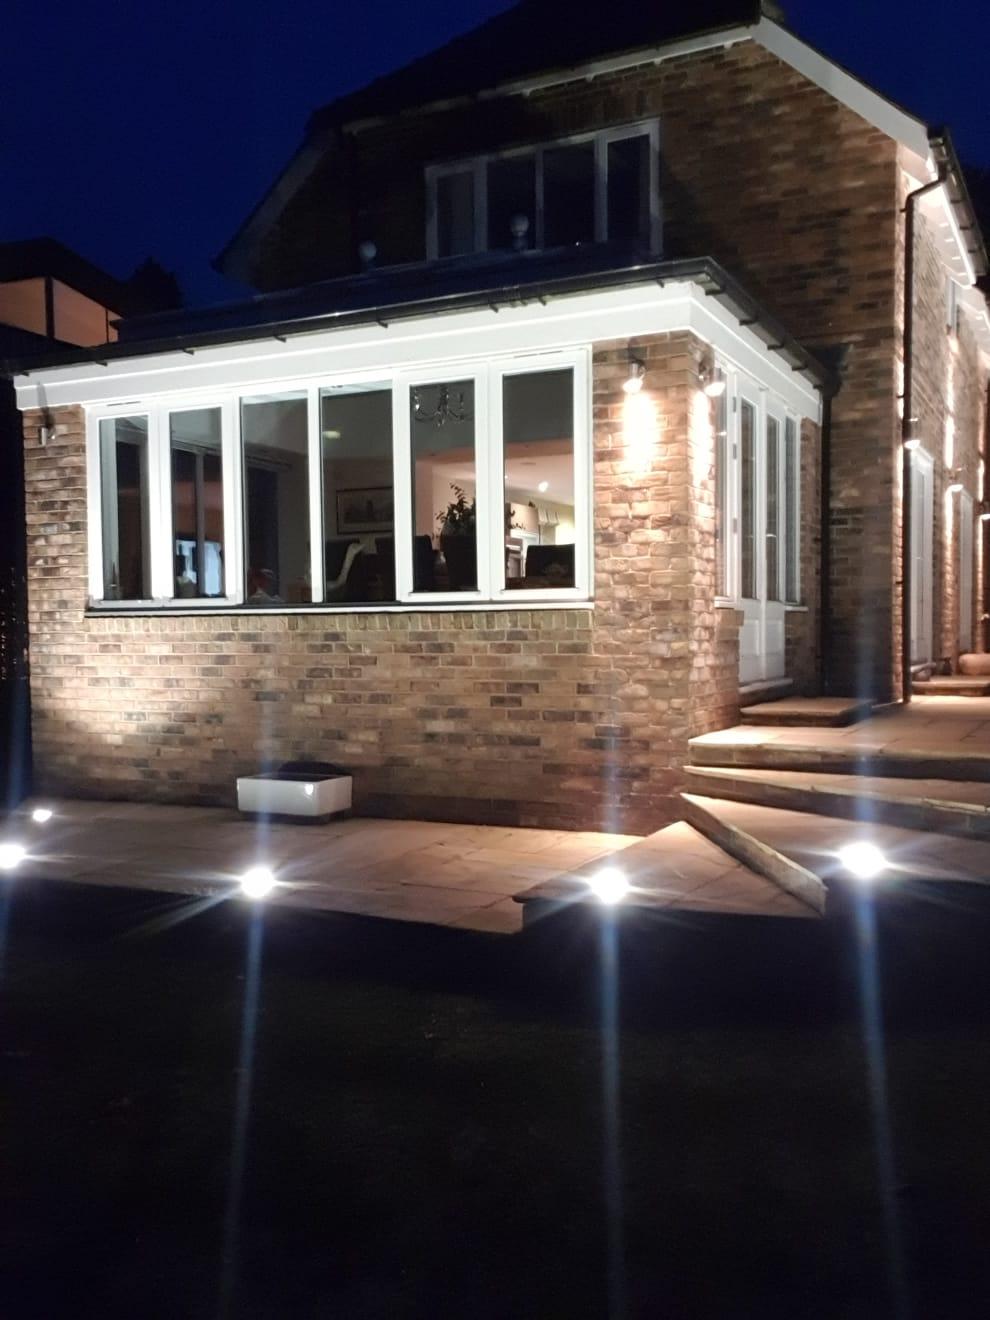 outdoor patio floor lights installed